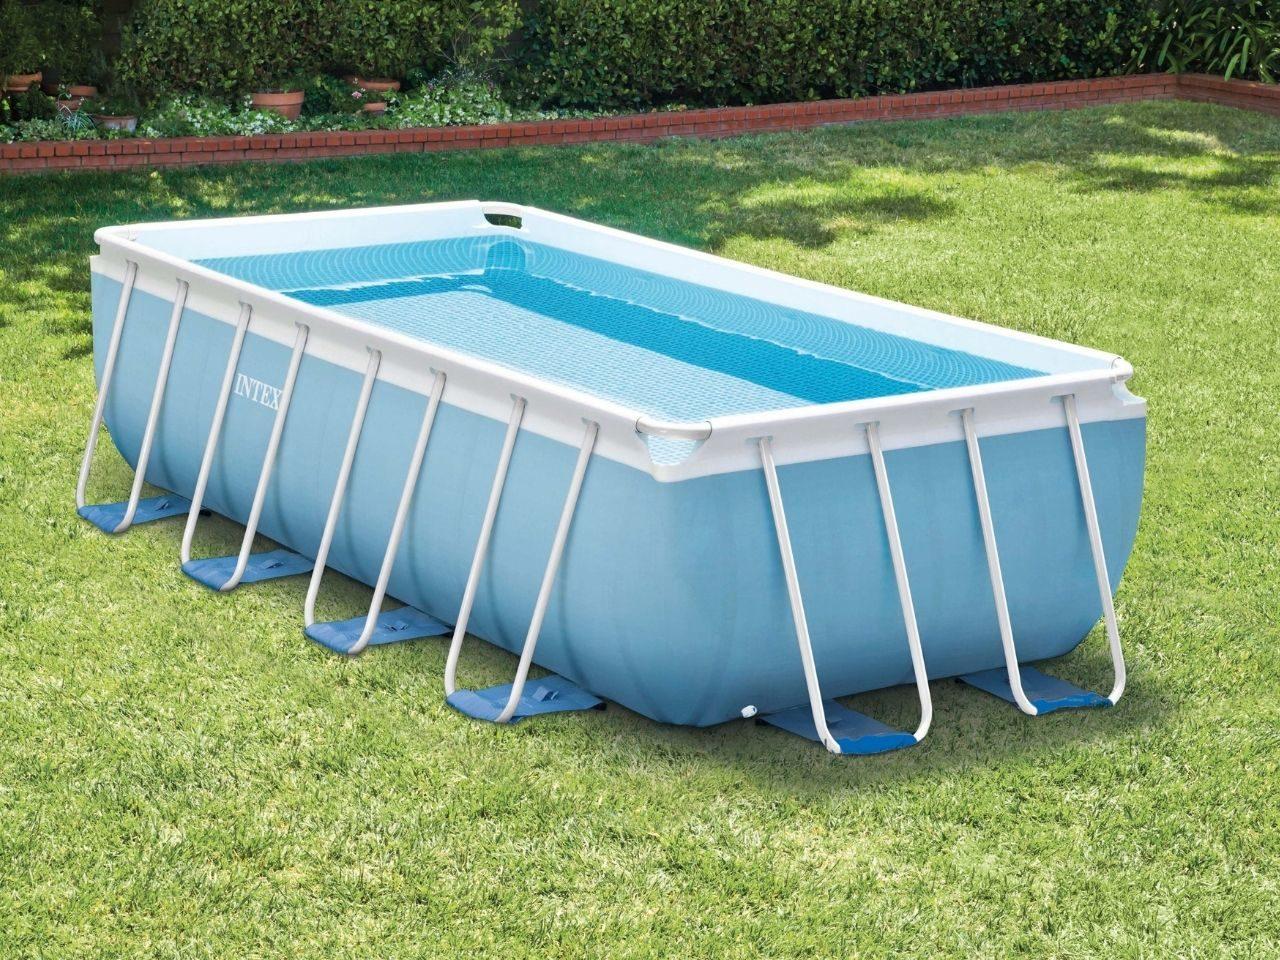 precauzioni smontaggio e montaggio piscina fuori terra